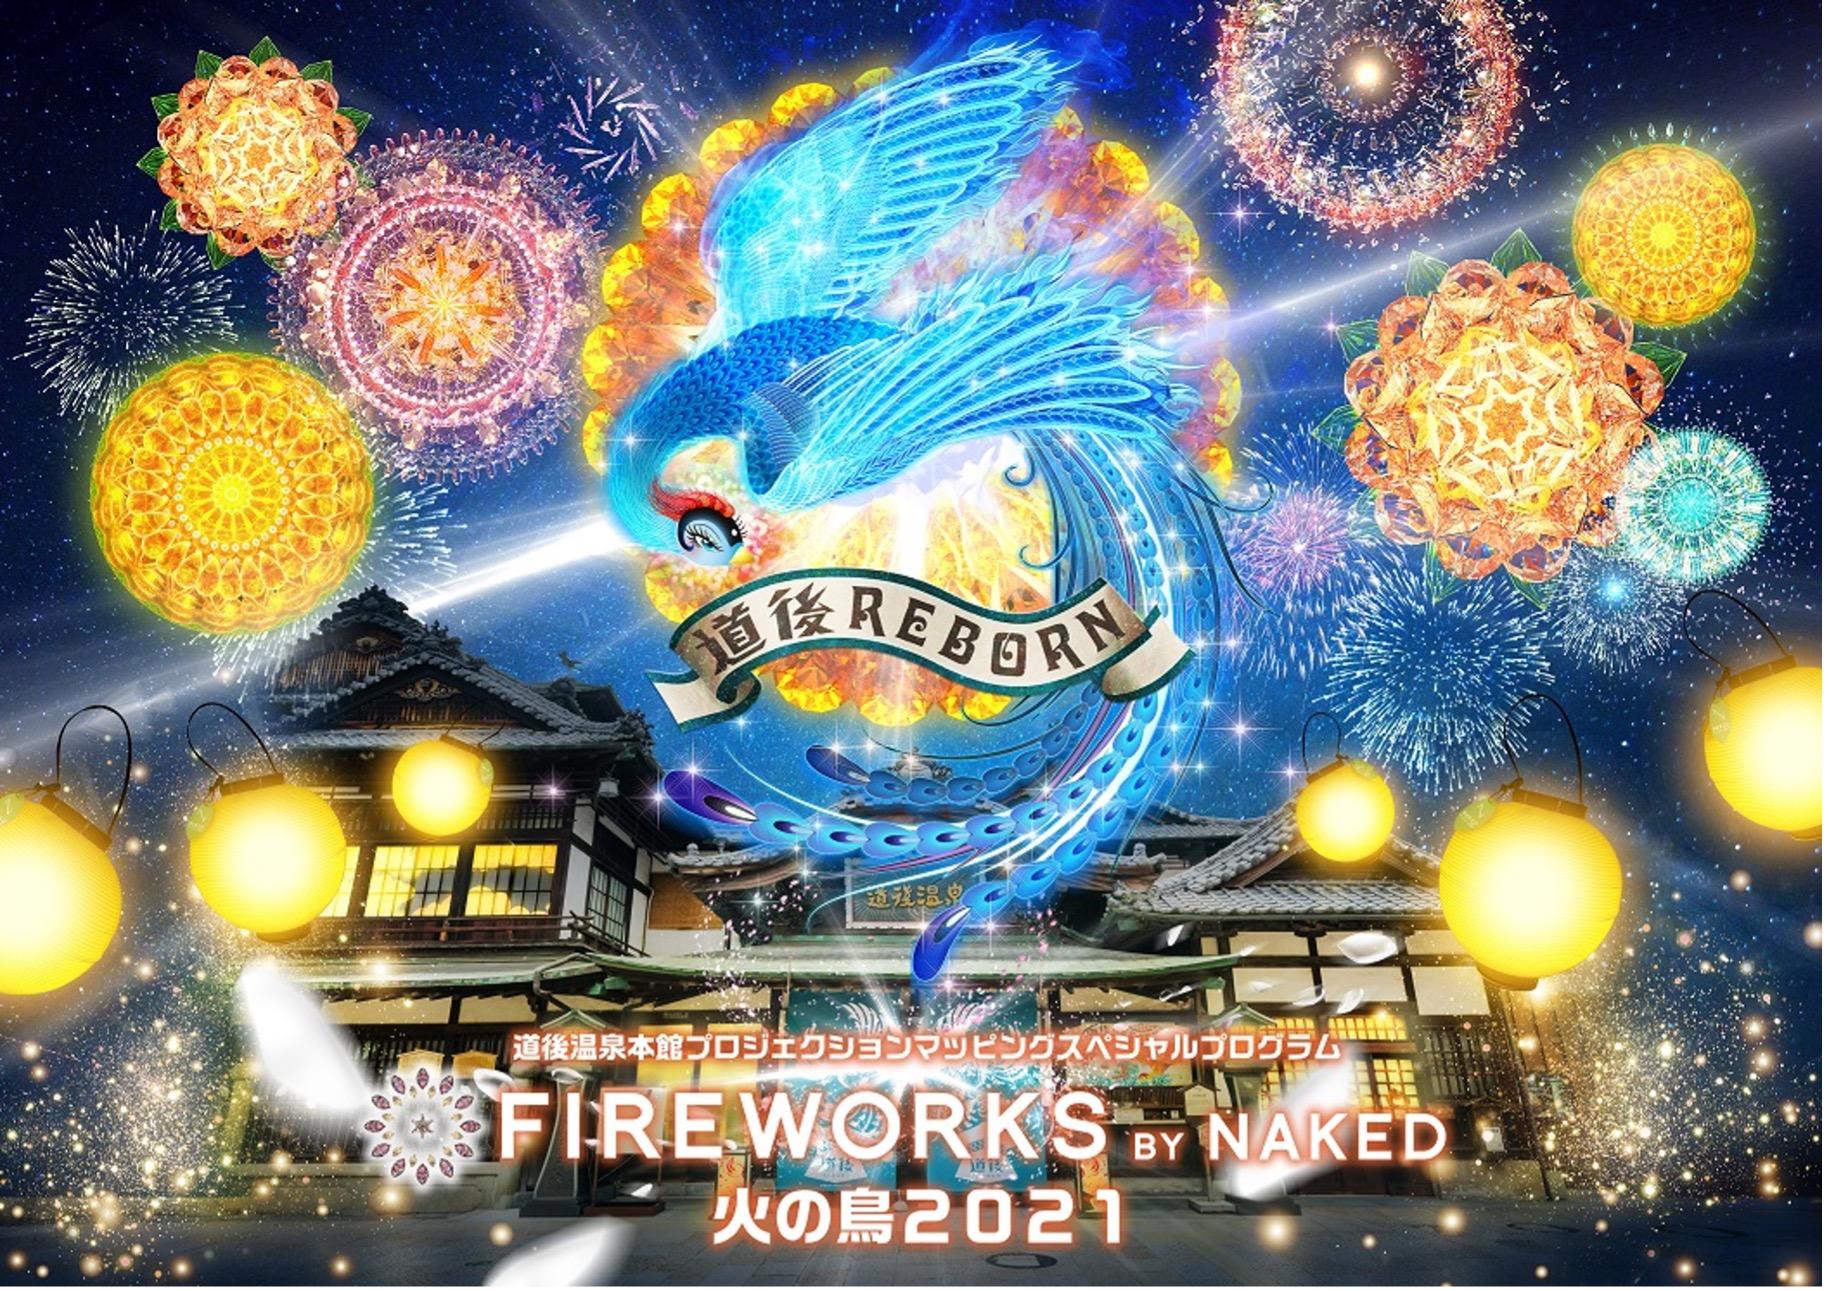 道後温泉本館プロジェクションマッピングスペシャルプログラム『FIREWORKS BY NAKED -火の鳥2021-』